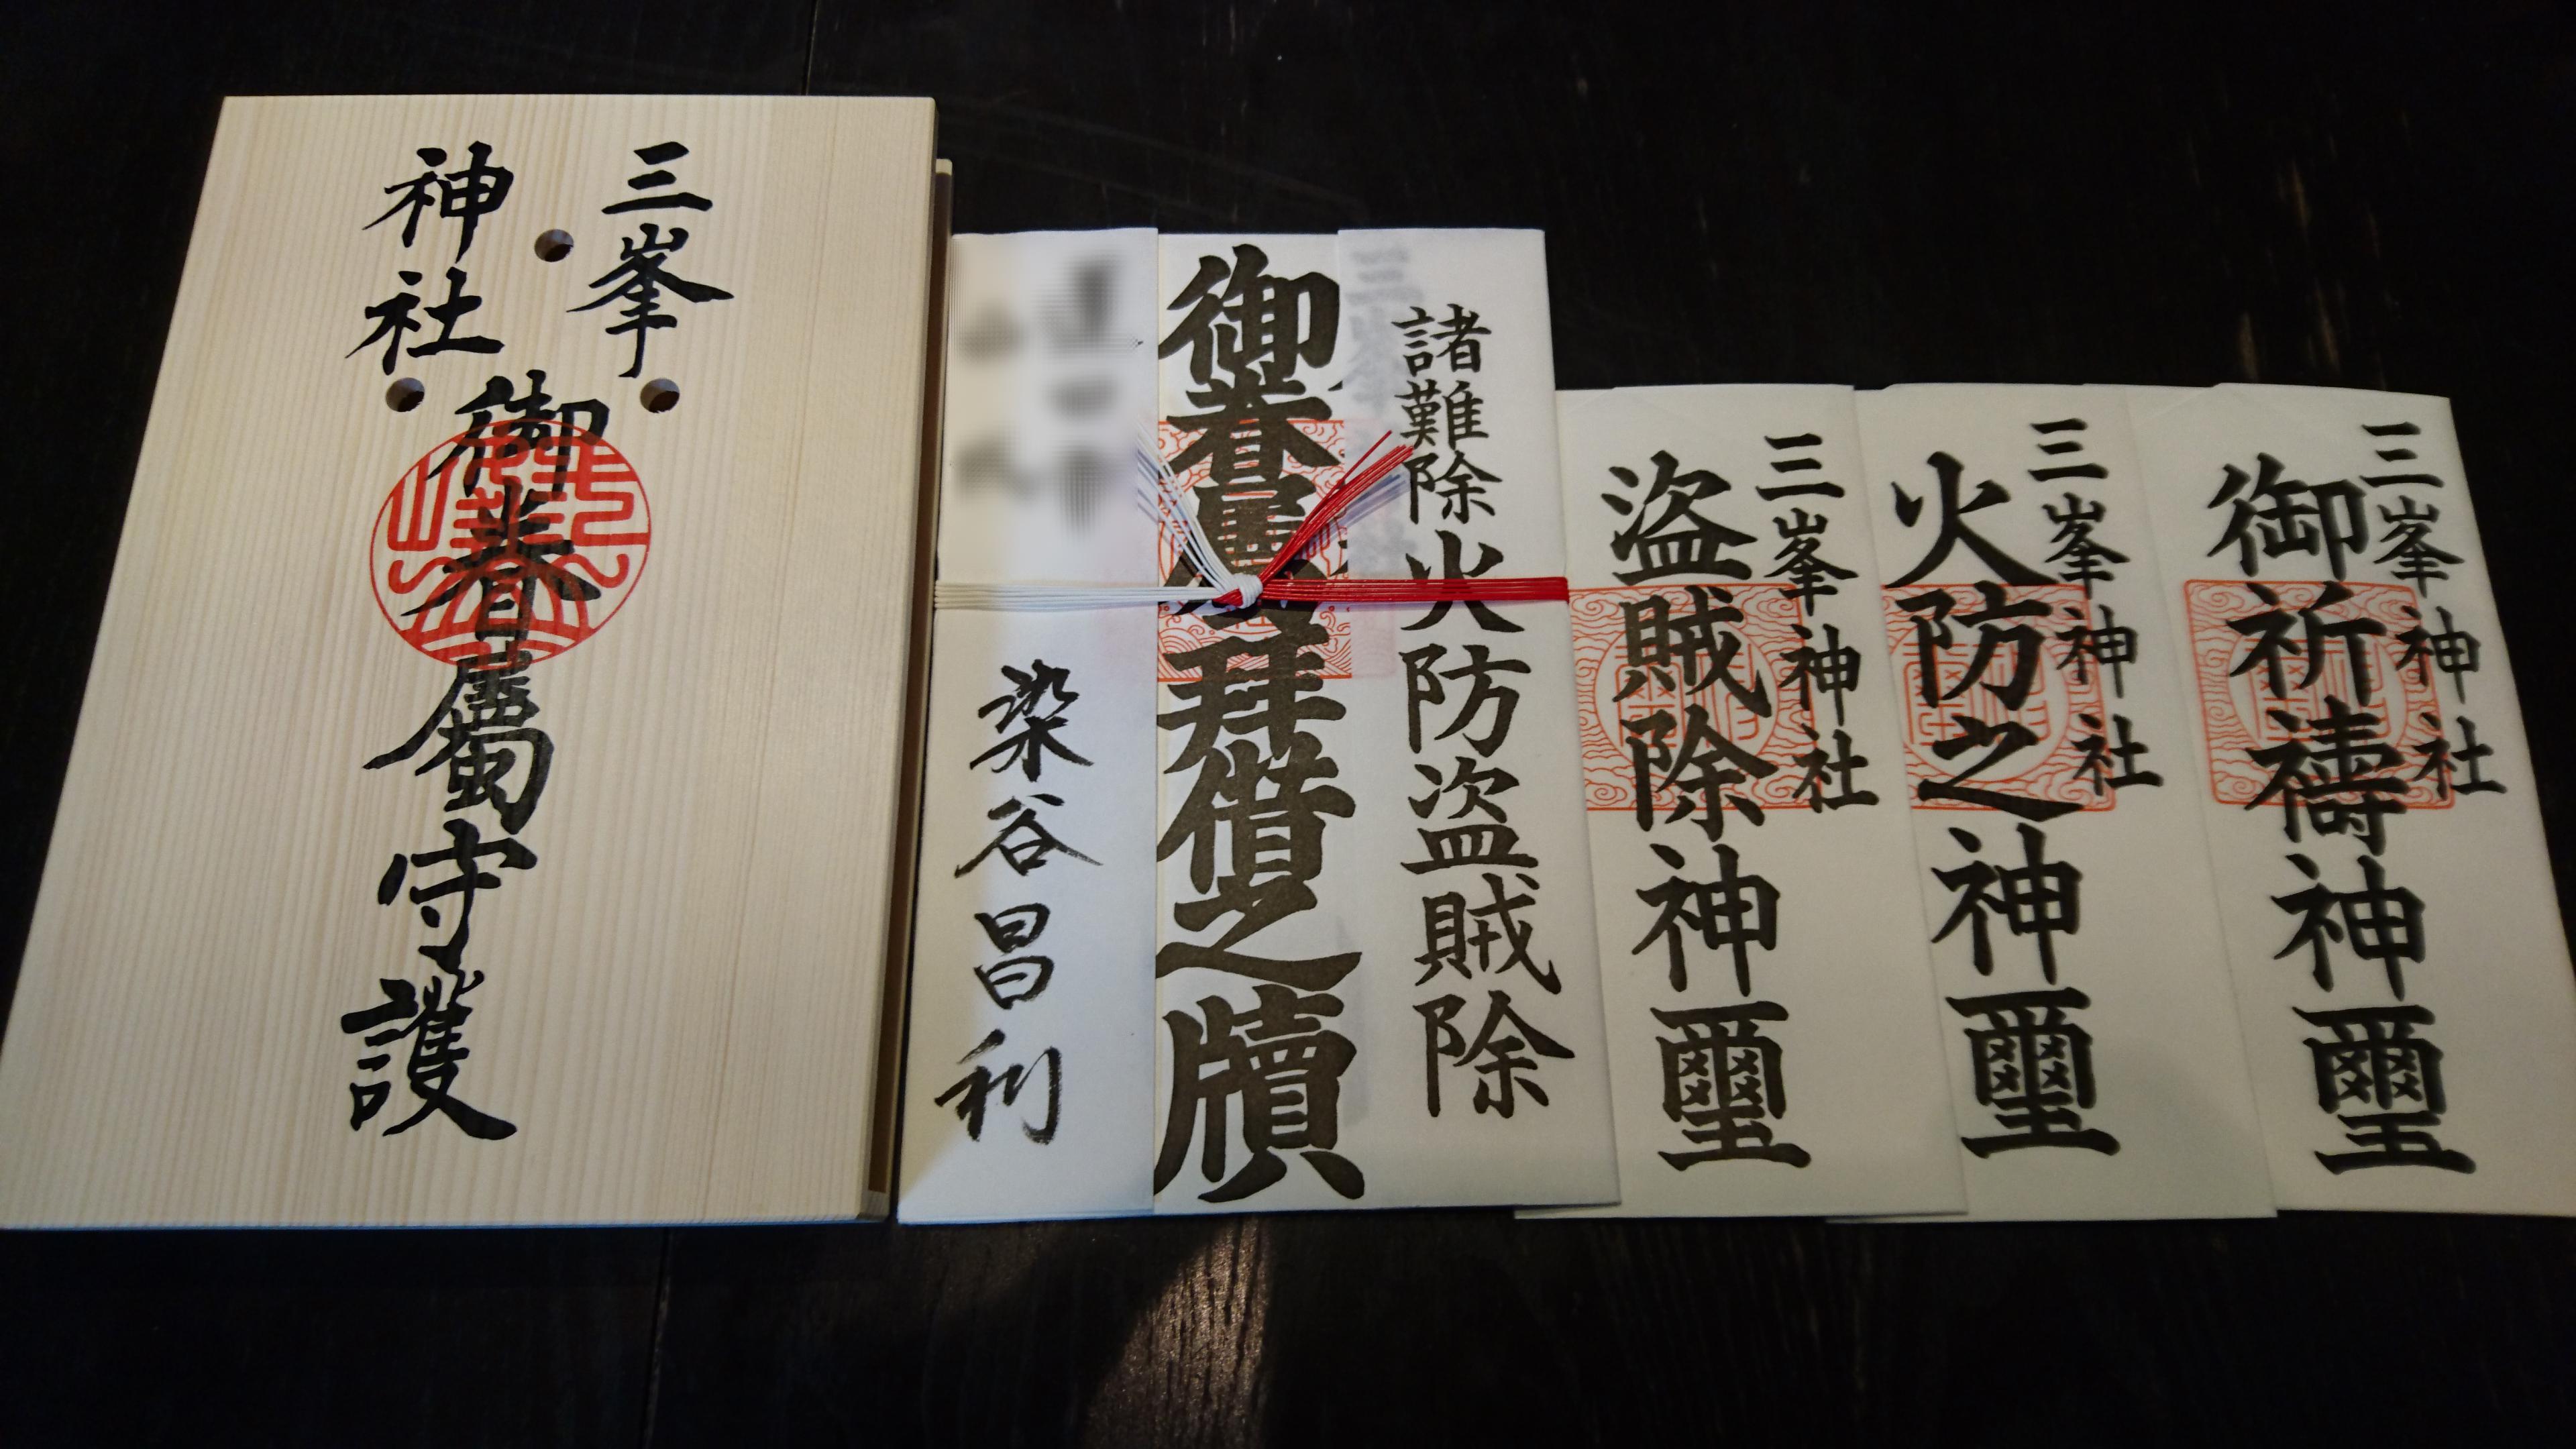 三峯神社・宝登山神社・秩父神社の秩父三社の大祓に行ってきた、三峯神社では裏のお札(御眷属)も拝借してきたよ